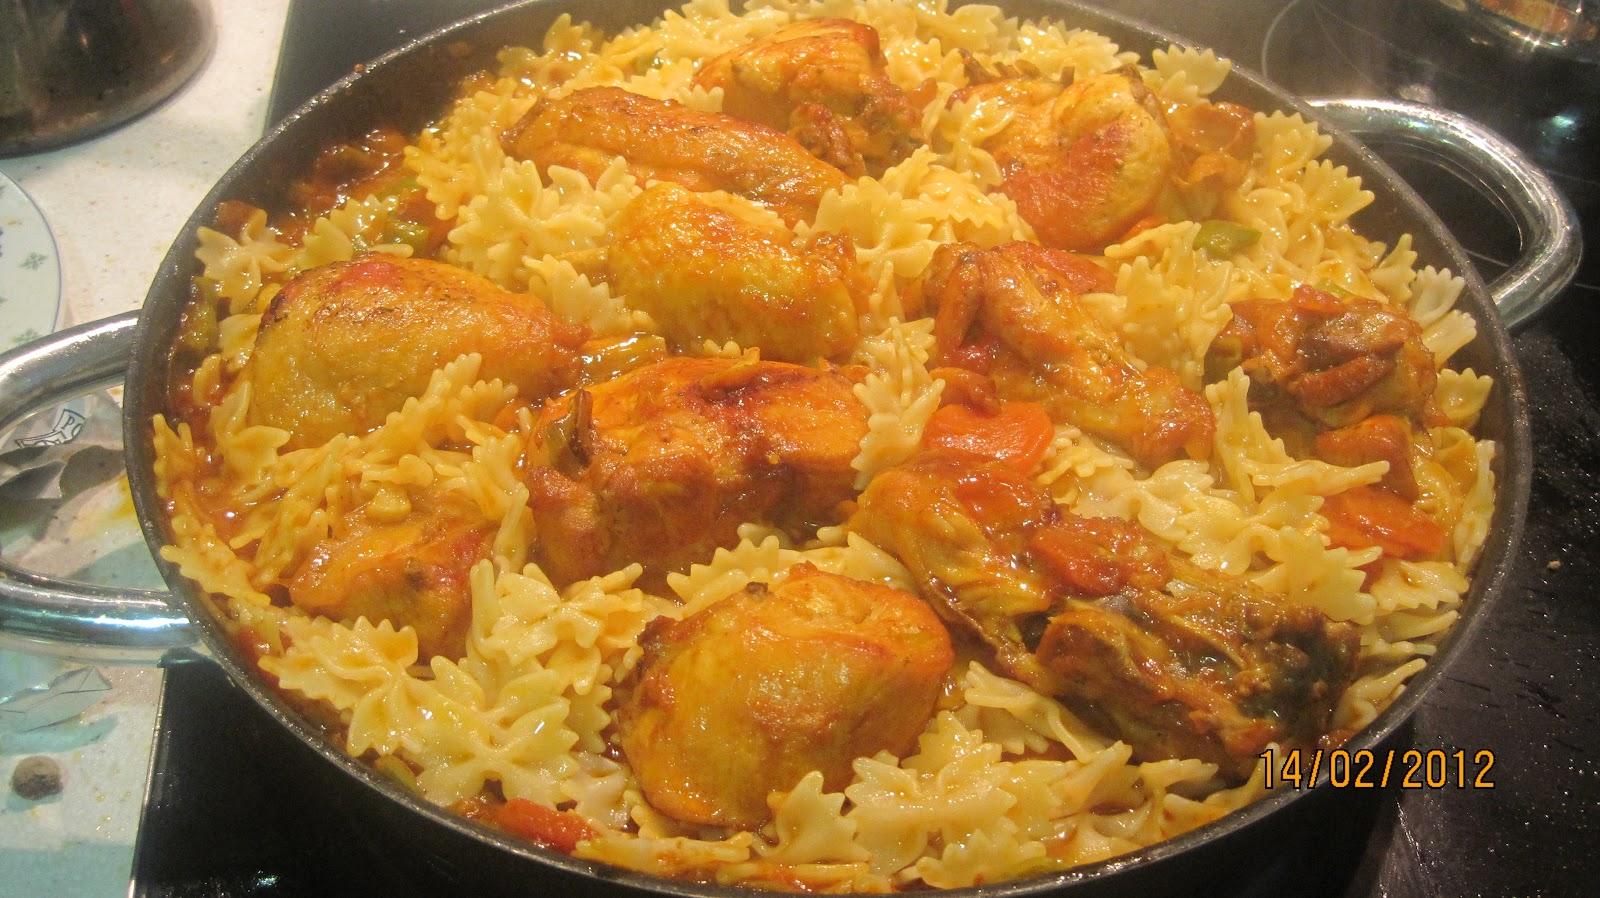 Recetas de cocina casera palomitas con pollo for Recetas cocina casera